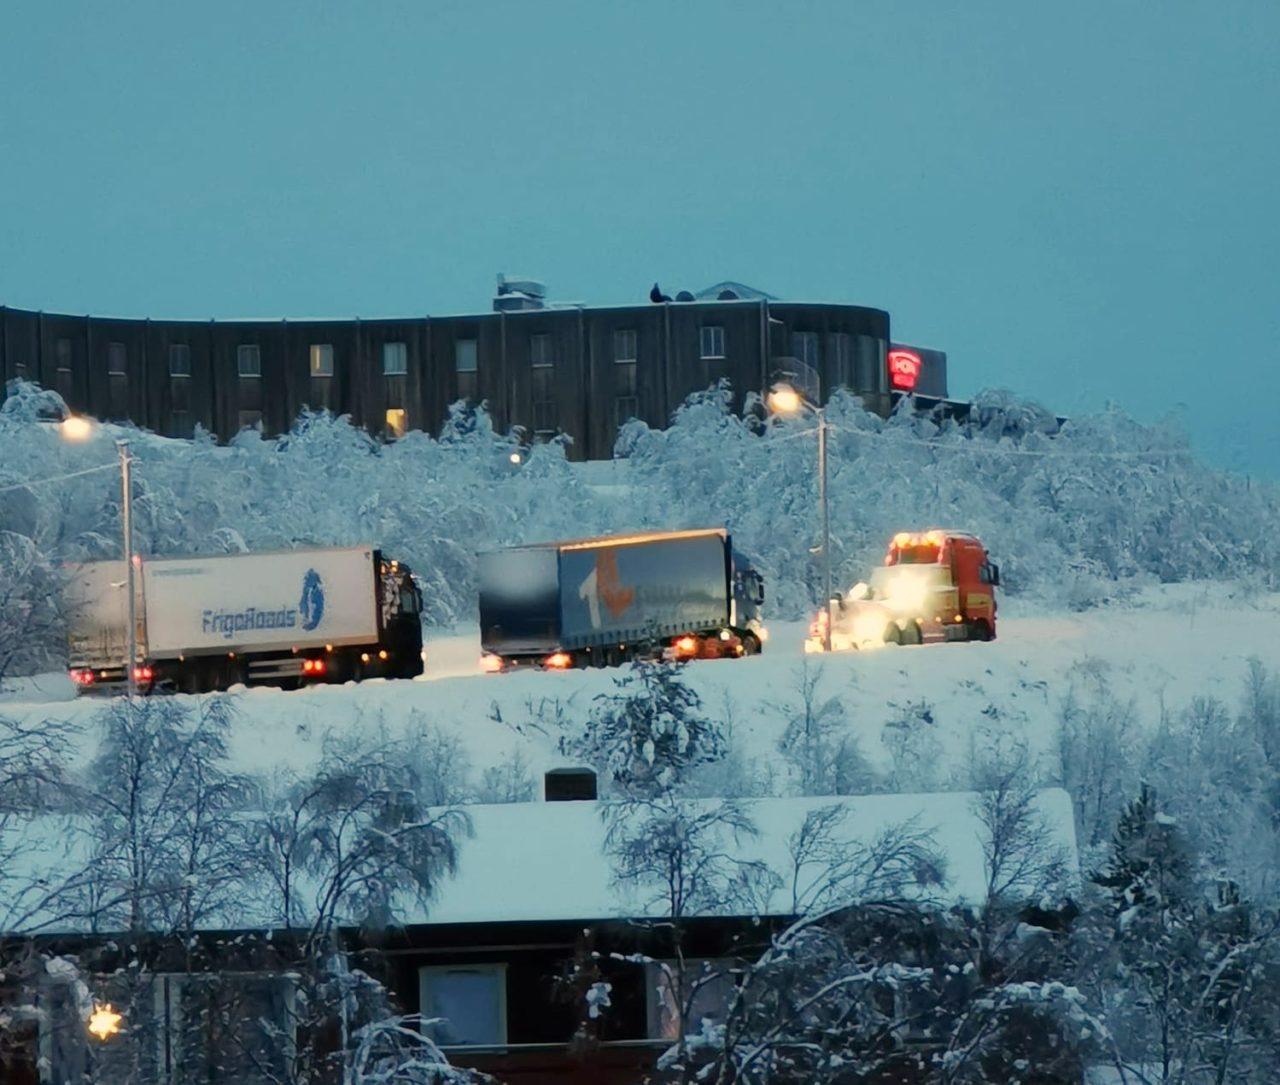 trailere-hotellbakken-1280x1085.jpg